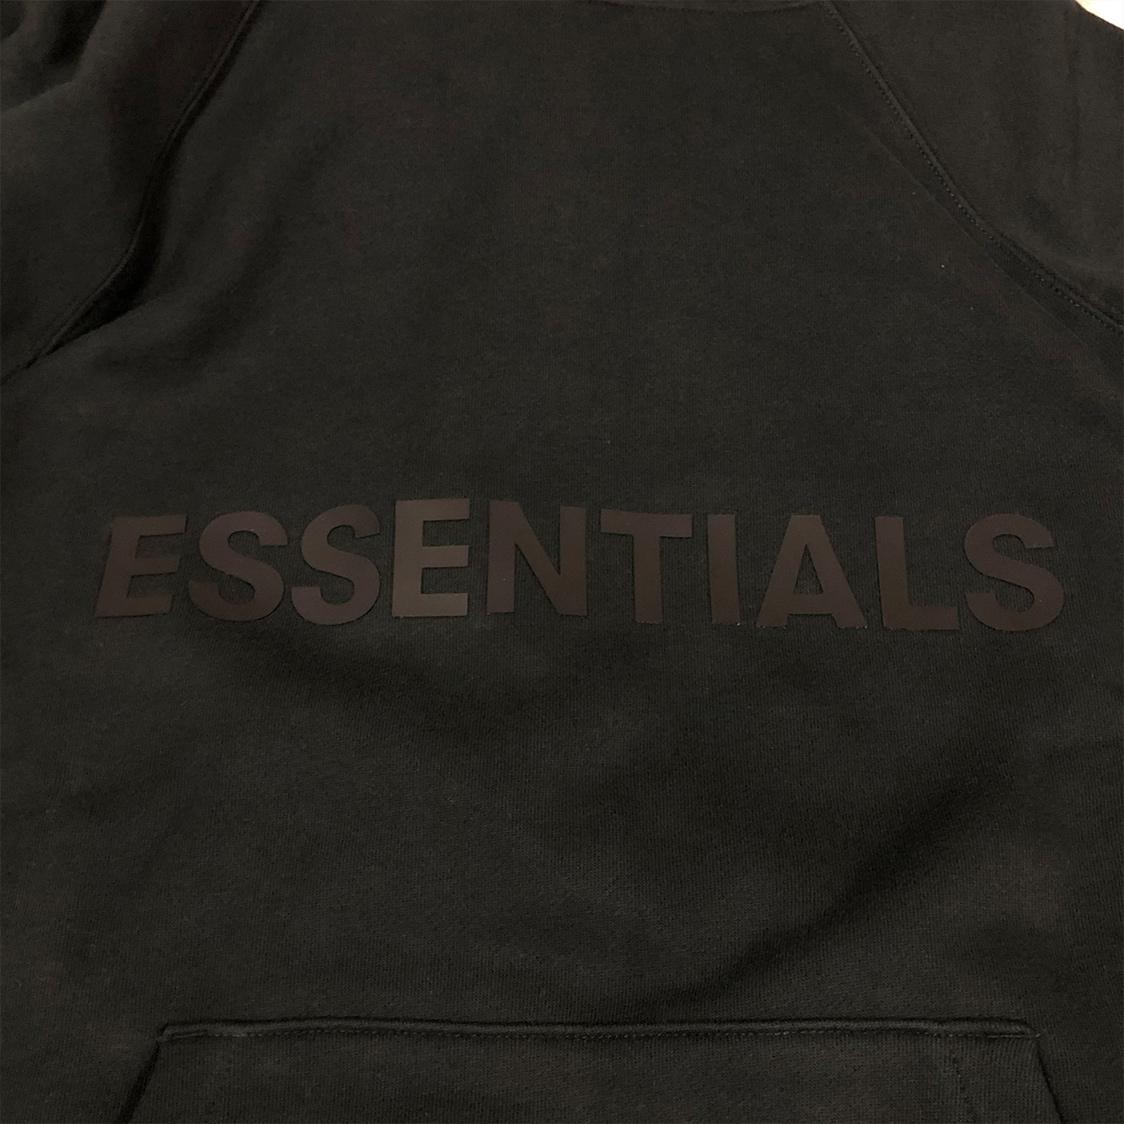 2020新作 新品 FOG Fear Of God Essentials フェアオブゴッド エッセンシャルズ 【Mサイズ】 LOGO パーカー フーディ エッセンシャル BLACK ブラック フォグ【ジェリーロレンゾ着】